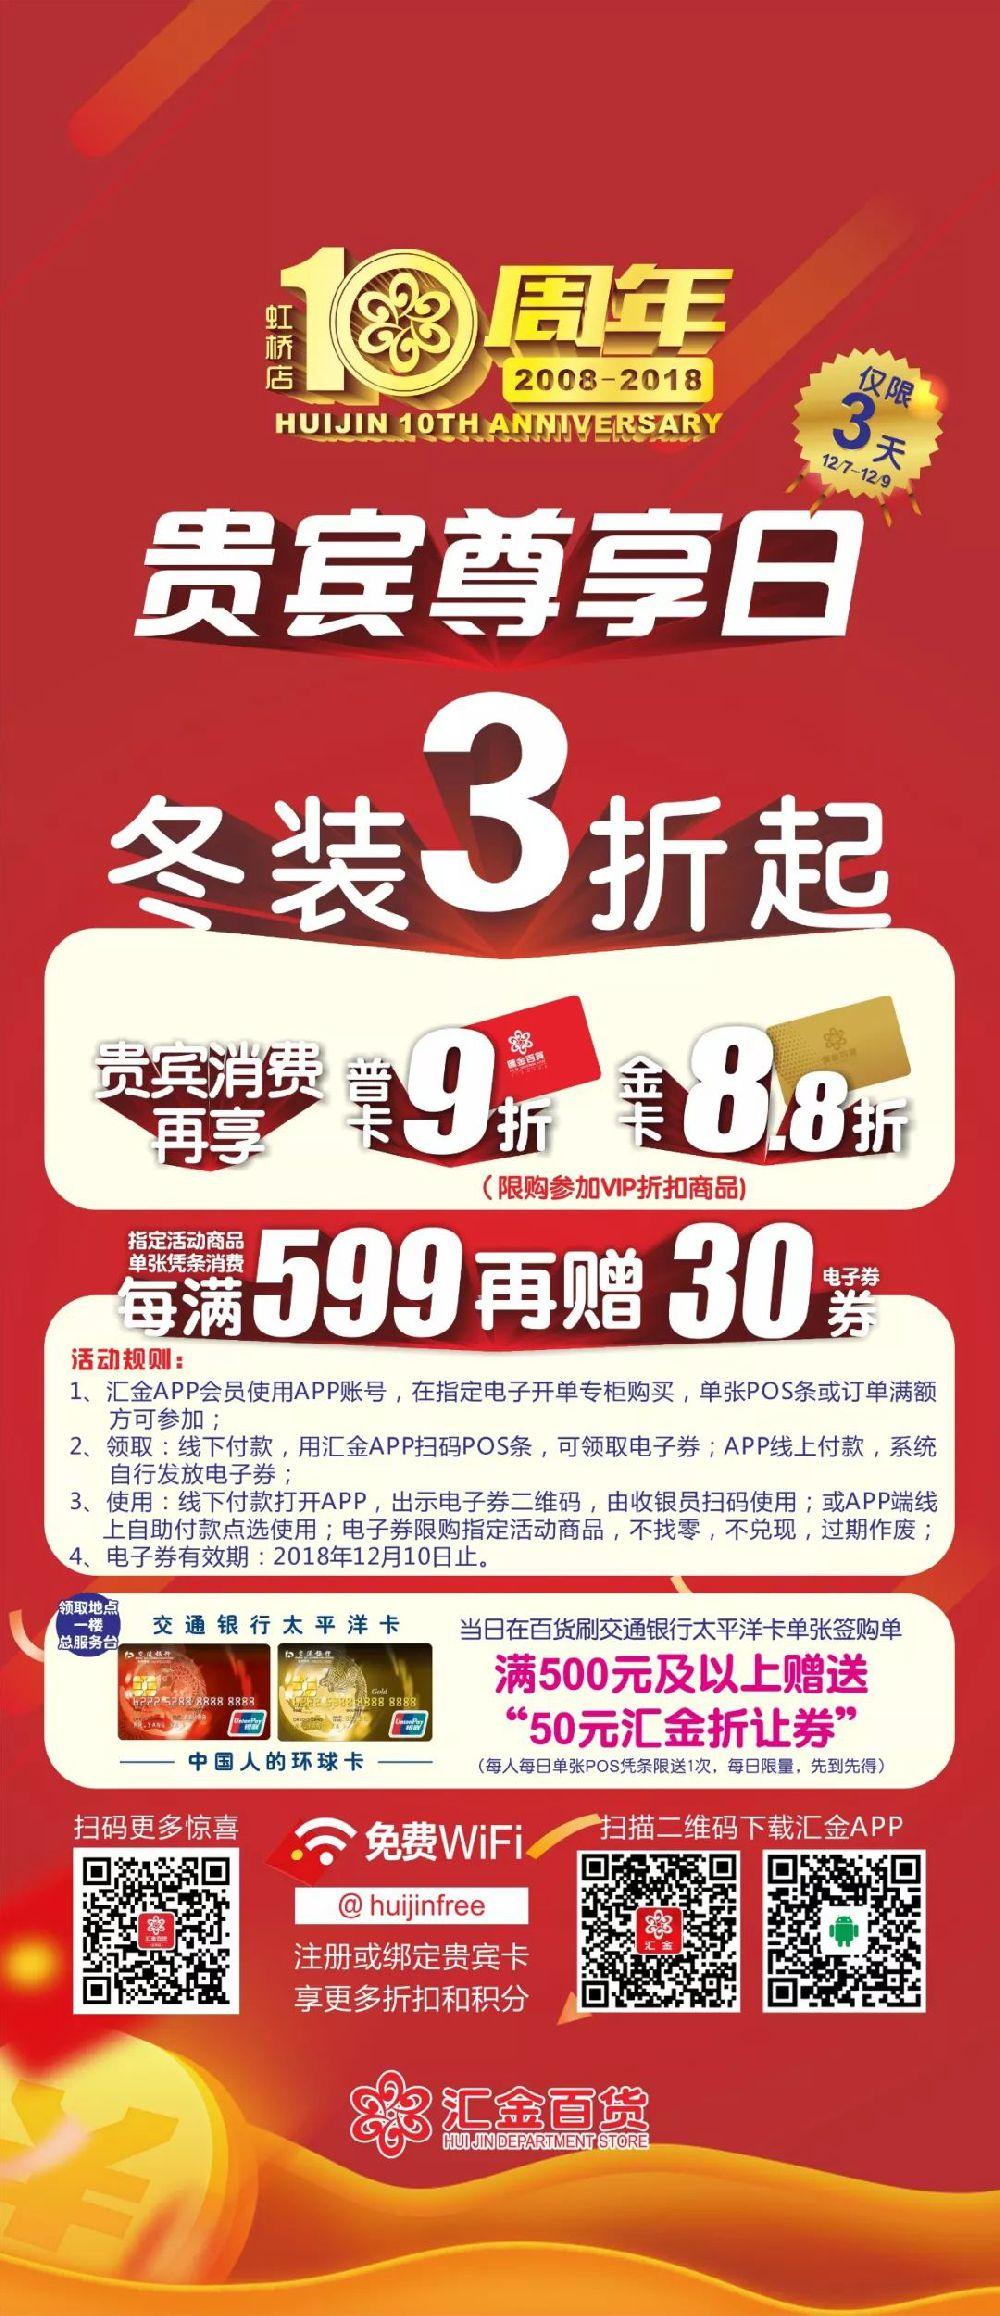 上海汇金百货虹桥店10周年盛典  冬品3折起